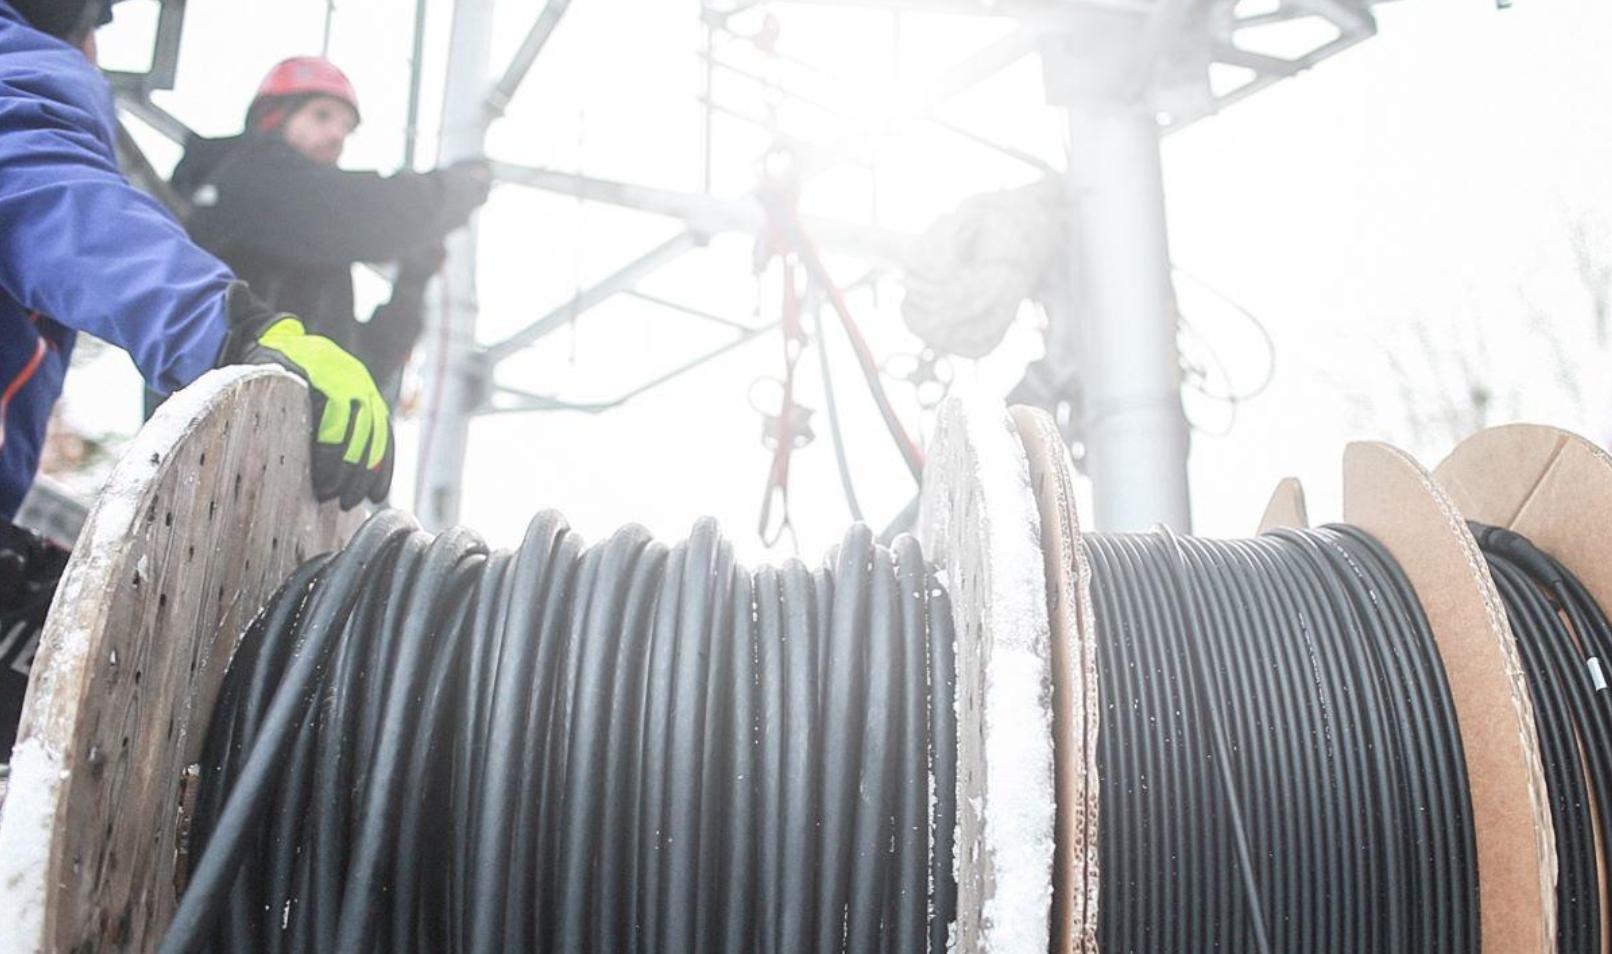 เทคนิคใหม่ อังกฤษทดสอบ Core Fiber Cables ดีกว่าแบบเดิม 50% ต่อยอด 5G เพิ่มแบนด์วิดท์ที่สูงขึ้น